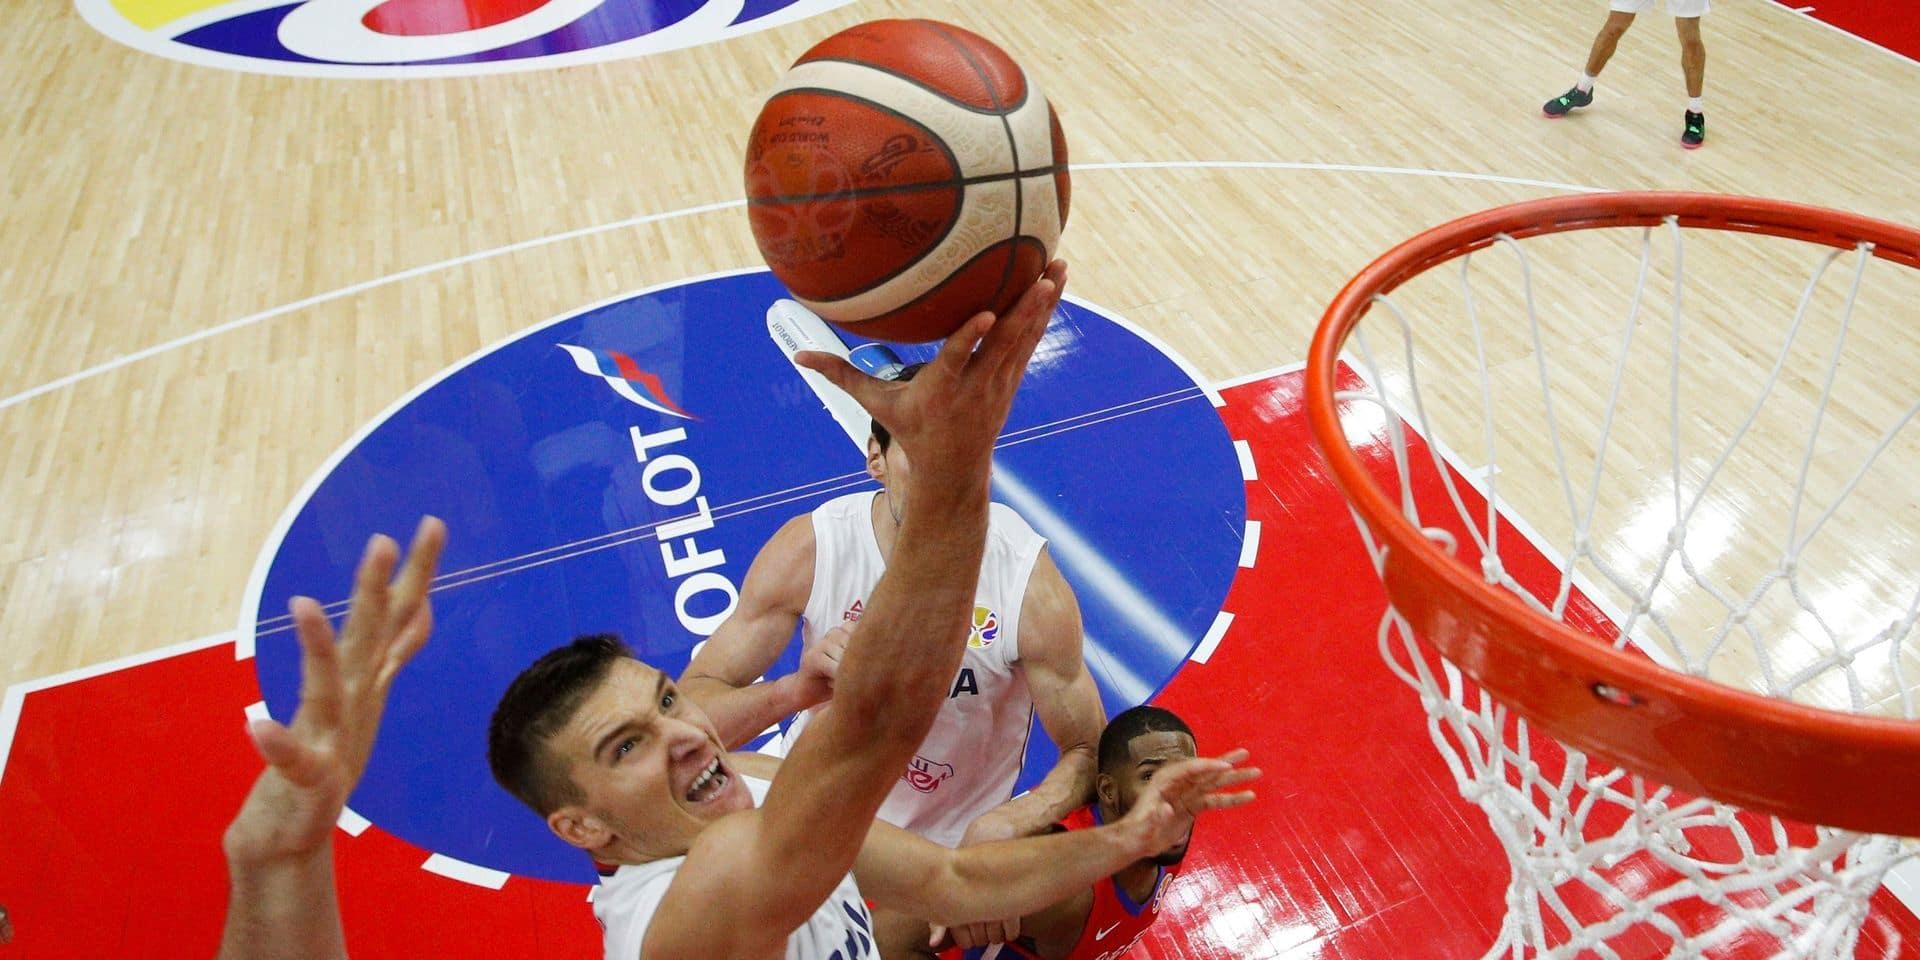 Coupe du monde de basket - Serbie, Espagne, Pologne et Argentine filent en quarts